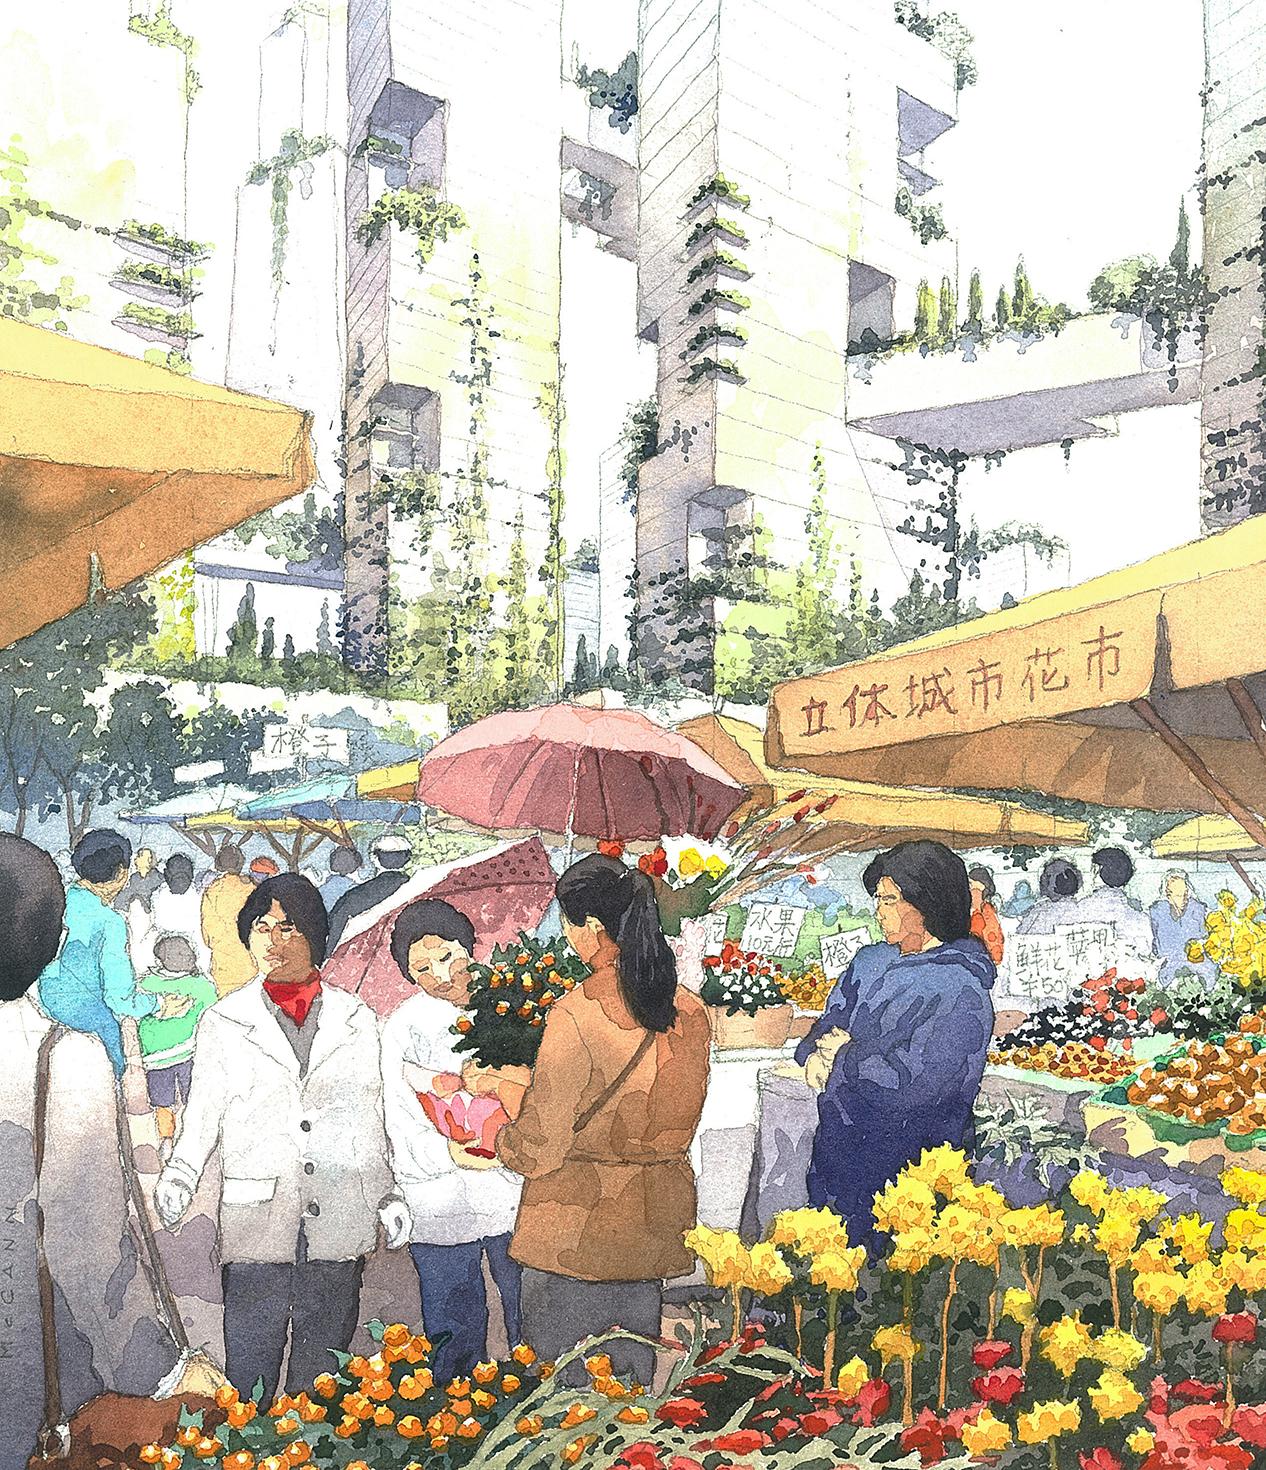 Tianfu Ecological City streetscape sketch 2